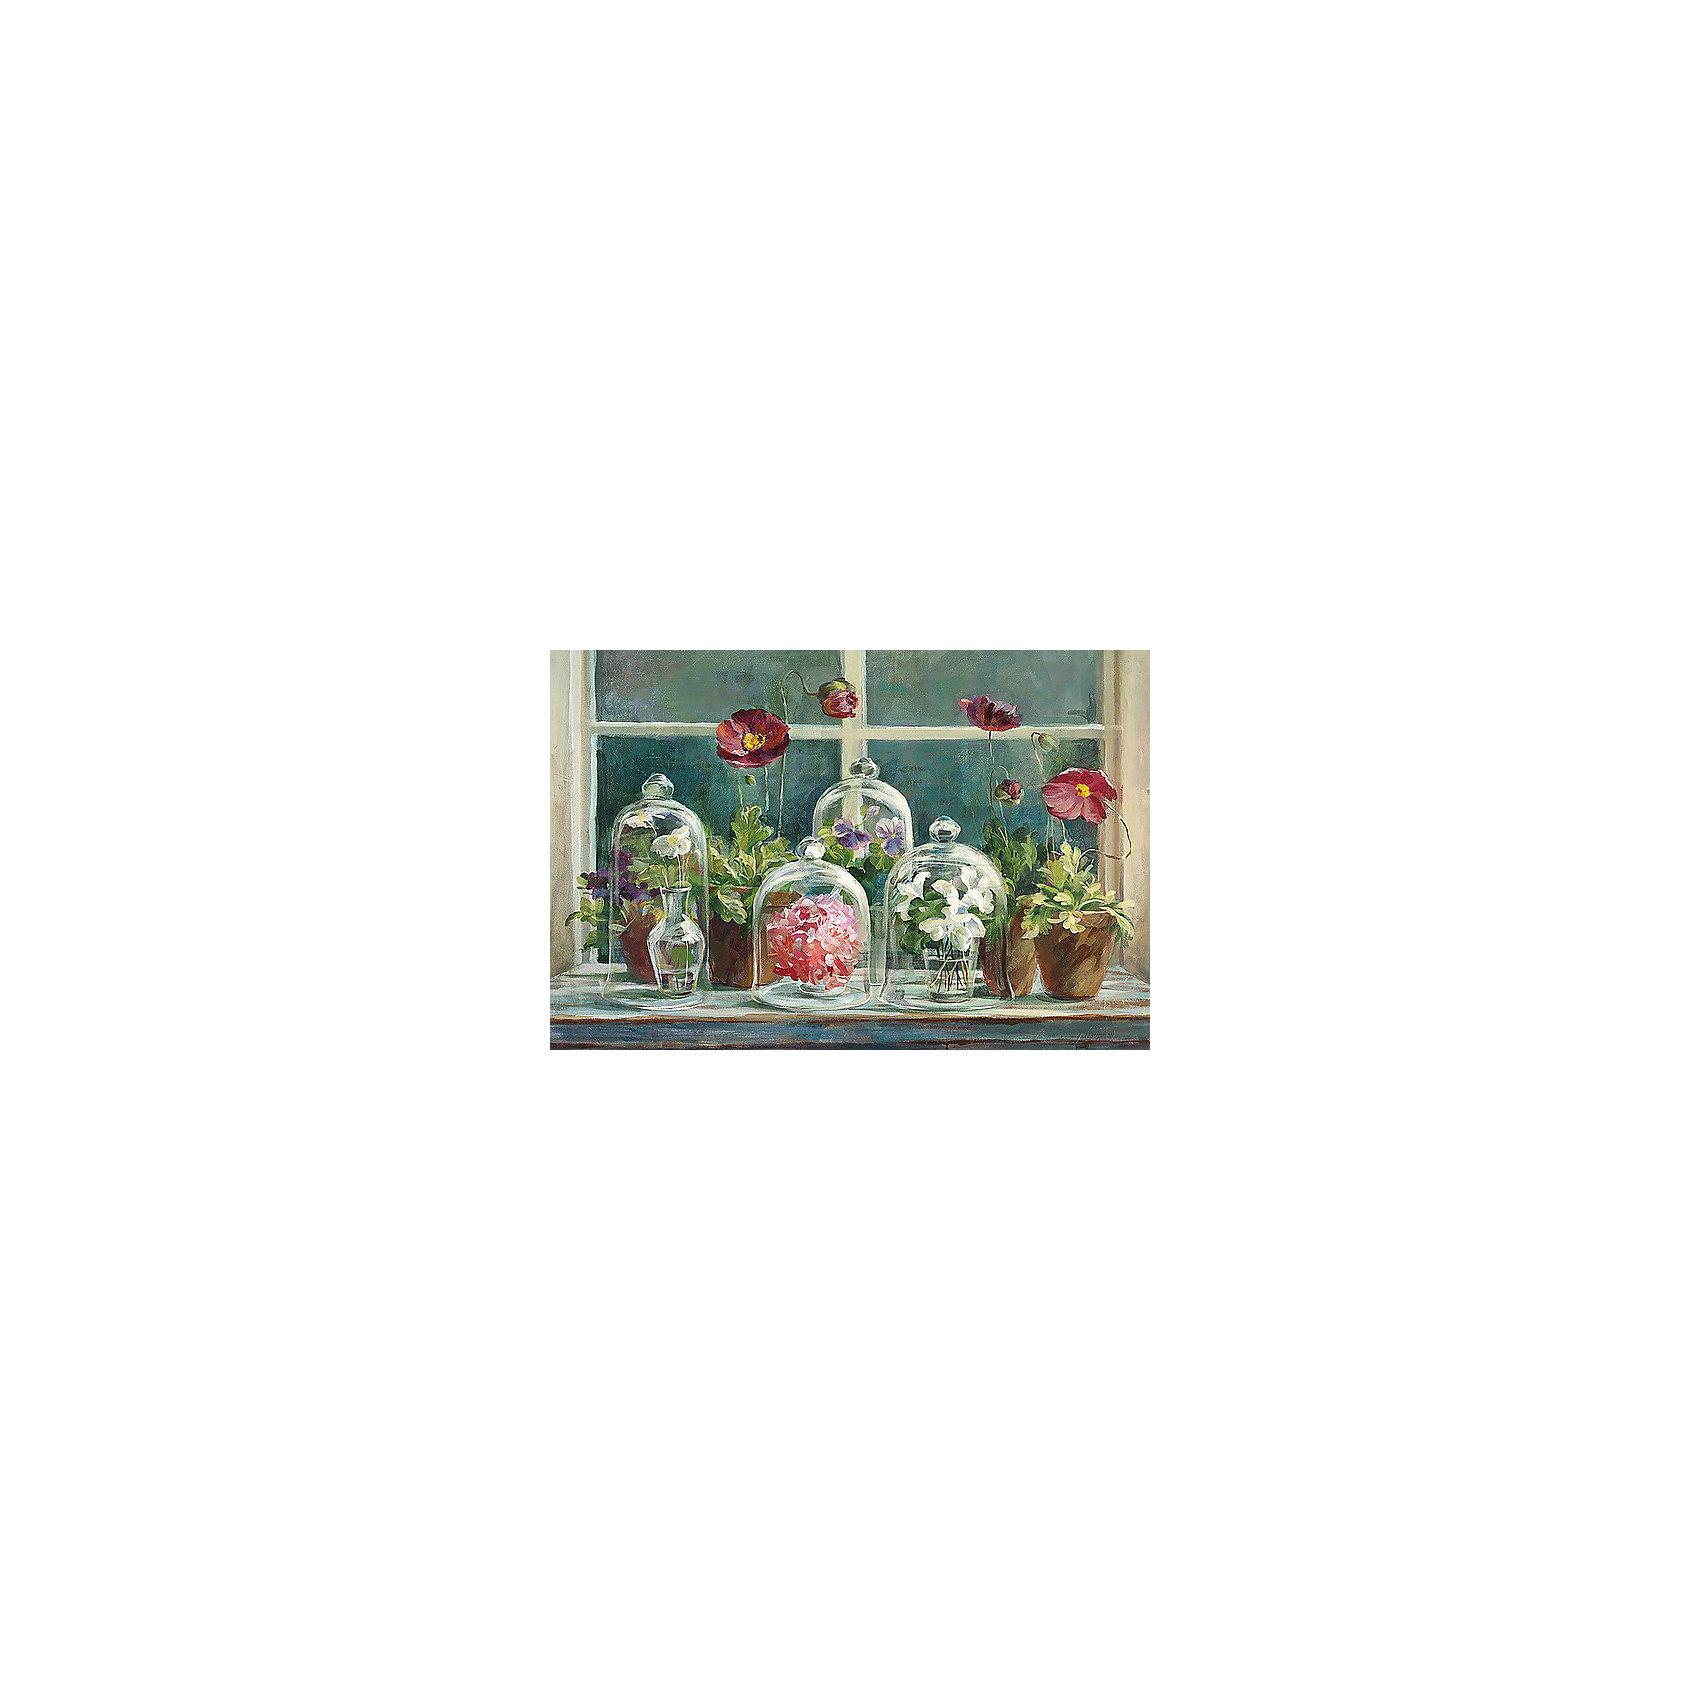 Картина - репродукция Цветочный уголок, Феникс-ПрезентПредметы интерьера<br>Картина - репродукция Цветочный уголок, Феникс-Презент <br><br>Характеристики:<br><br>• масляная печать на холсте<br>• дополнена ручной подрисовкой<br>• без рамки<br>• размер: 40х60х2,5 см<br><br>Картинка - прекрасный подарок для любого случая и хорошее украшение интерьера дома. Картина Цветочный уголок с масляной печатью на холсте дополнена ручной подрисовкой масляными красками. На картине изображены домашние цветы. Размер картины - 40х60 сантиметров. <br><br>Картину - репродукцию Цветочный уголок, Феникс-Презент можно купить в нашем интернет-магазине.<br><br>Ширина мм: 400<br>Глубина мм: 600<br>Высота мм: 250<br>Вес г: 395<br>Возраст от месяцев: -2147483648<br>Возраст до месяцев: 2147483647<br>Пол: Унисекс<br>Возраст: Детский<br>SKU: 5449541